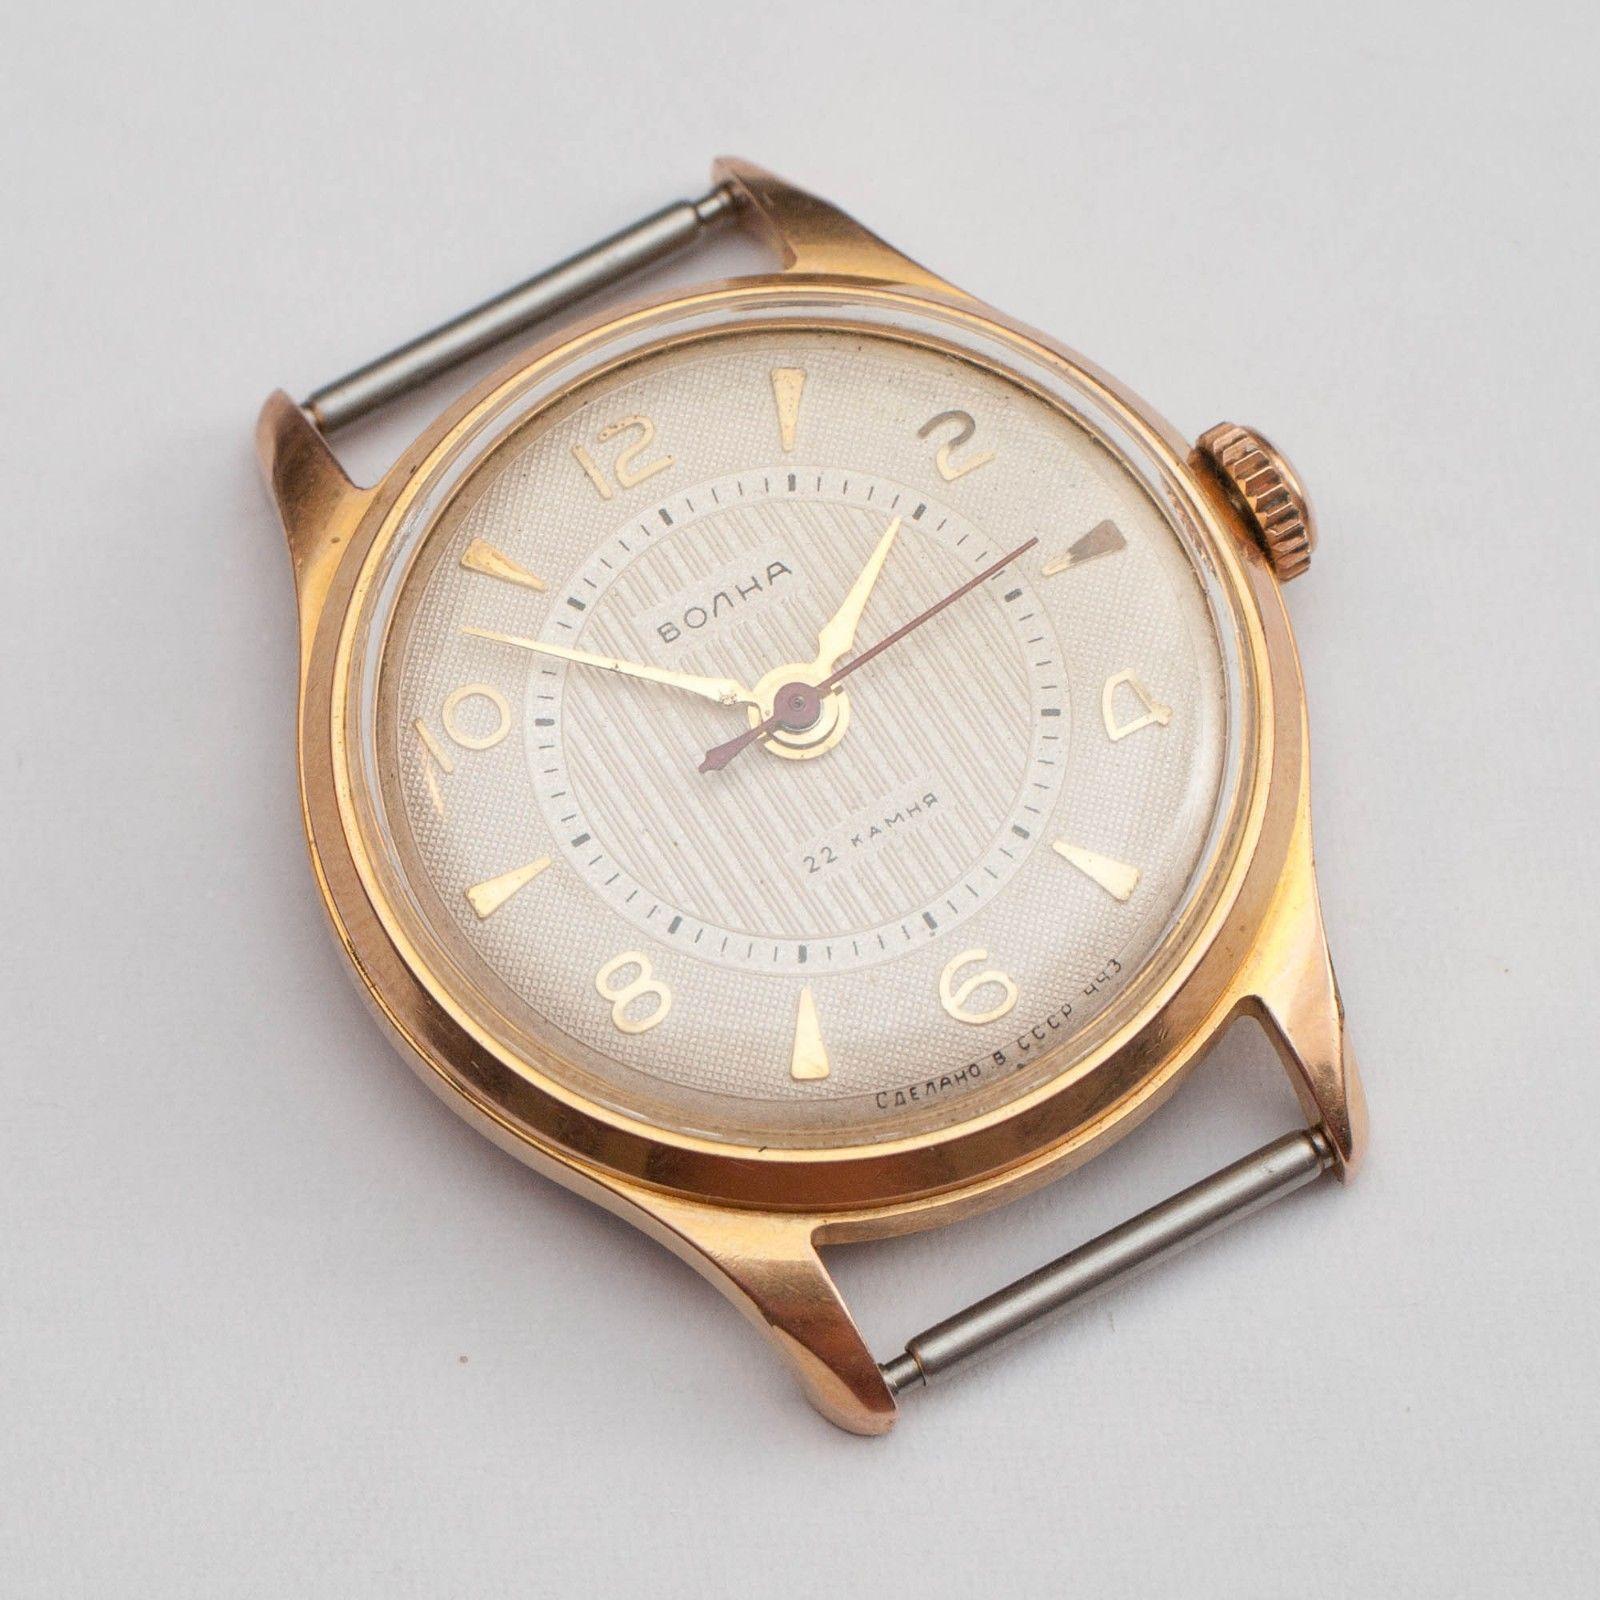 volna-Russian1 - zenith calibre 135 chronometer - 1